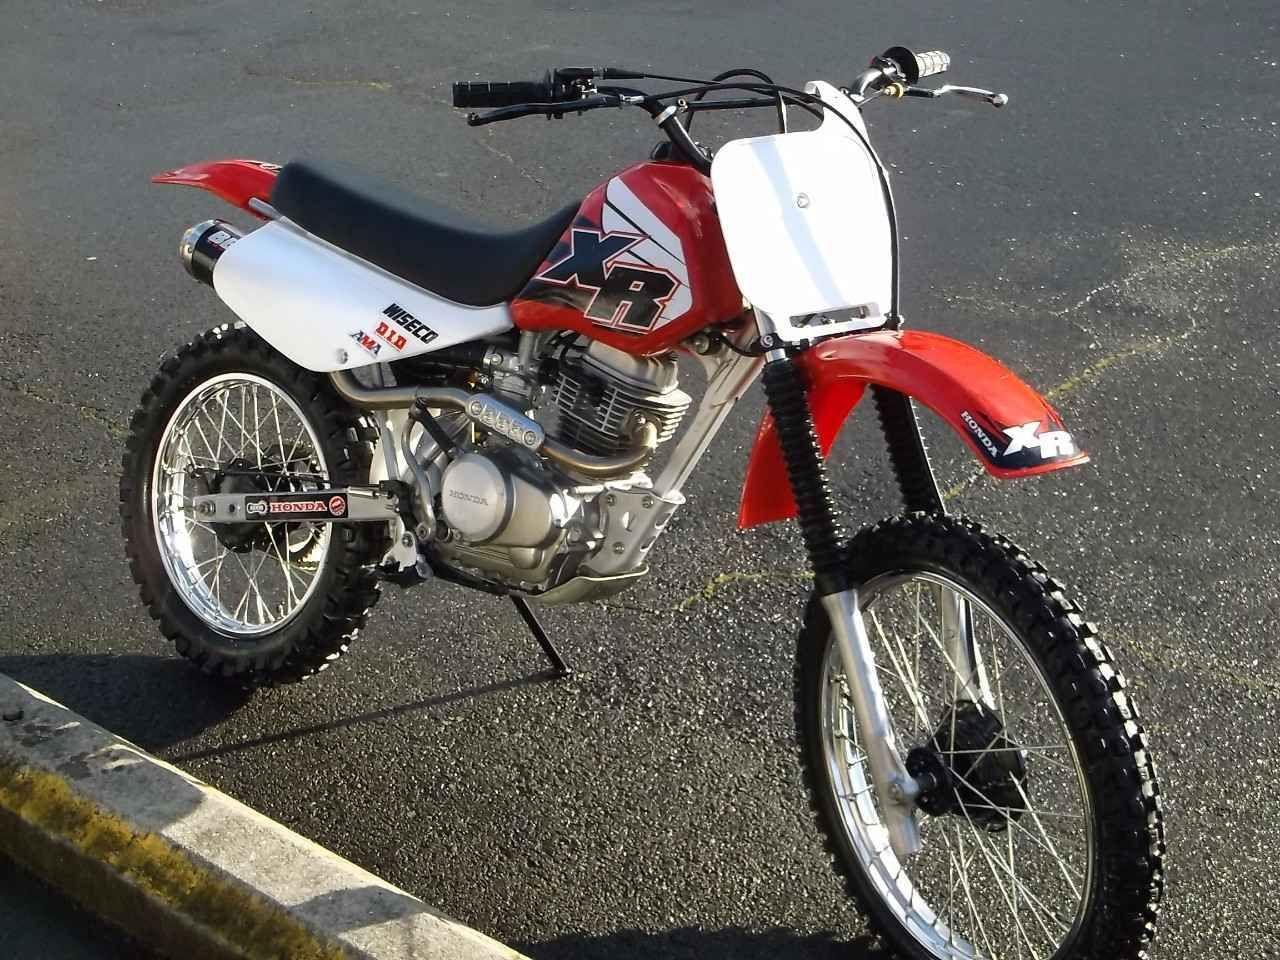 2000 Honda Xr 100r Motorcycles For Sale Motorcycle Honda Shadow Phantom